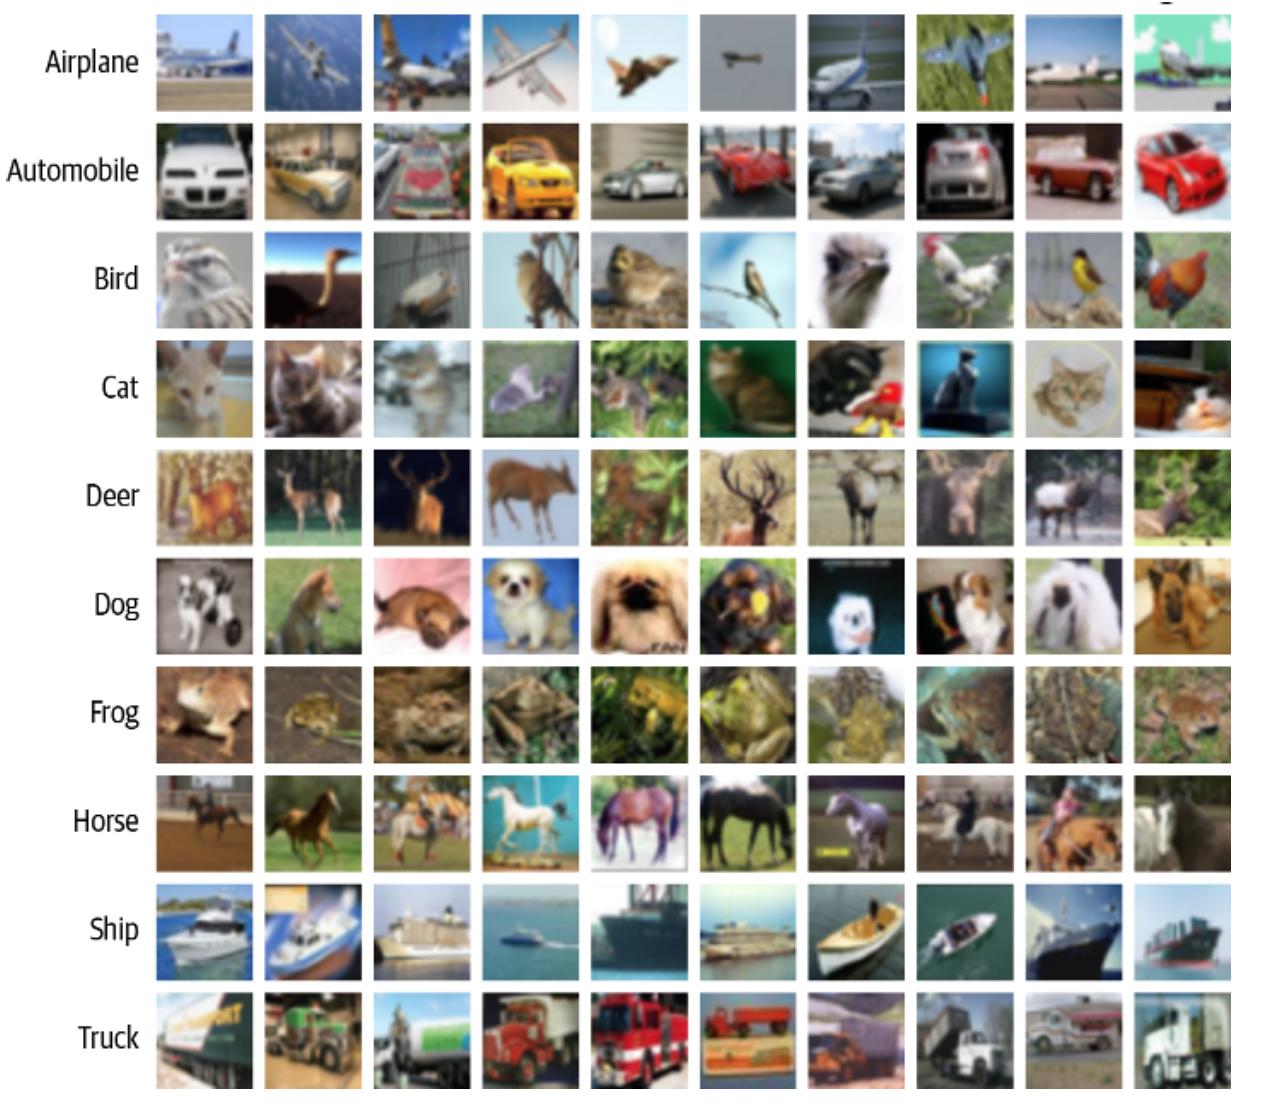 Figura 1 - le 10 classi di classificazione immagini per il dataset CIFAR-10